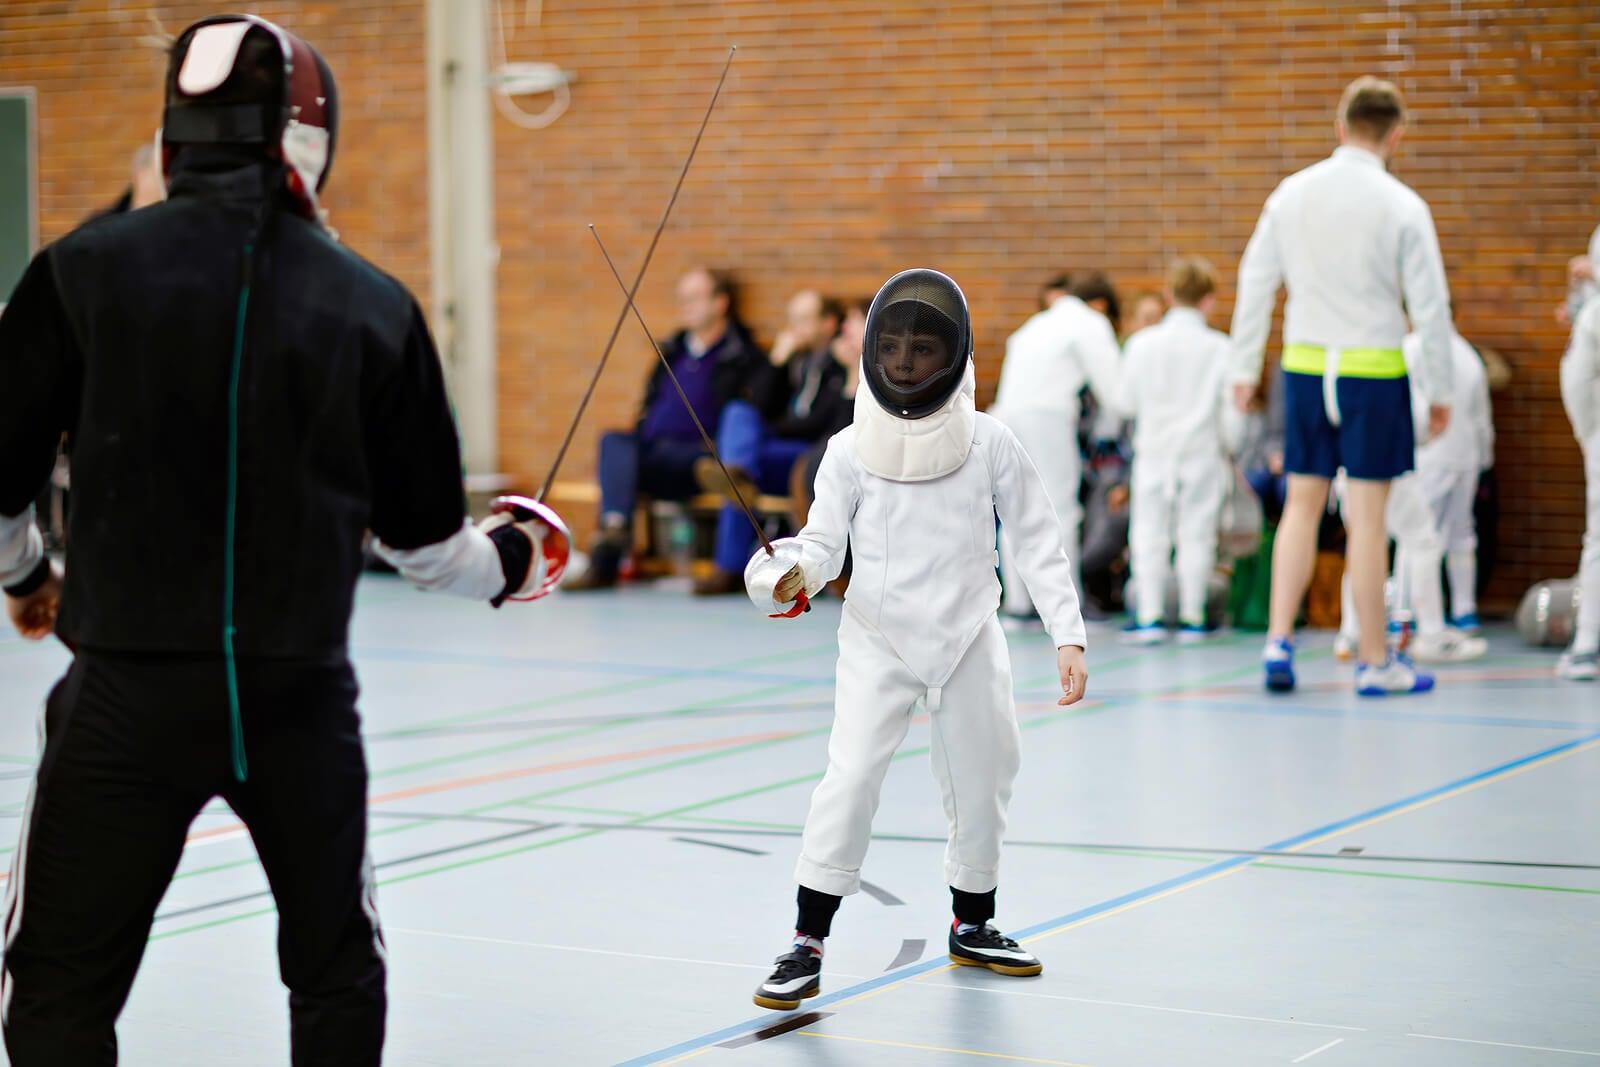 Niño en una competición de esgrima como deporte infantil.